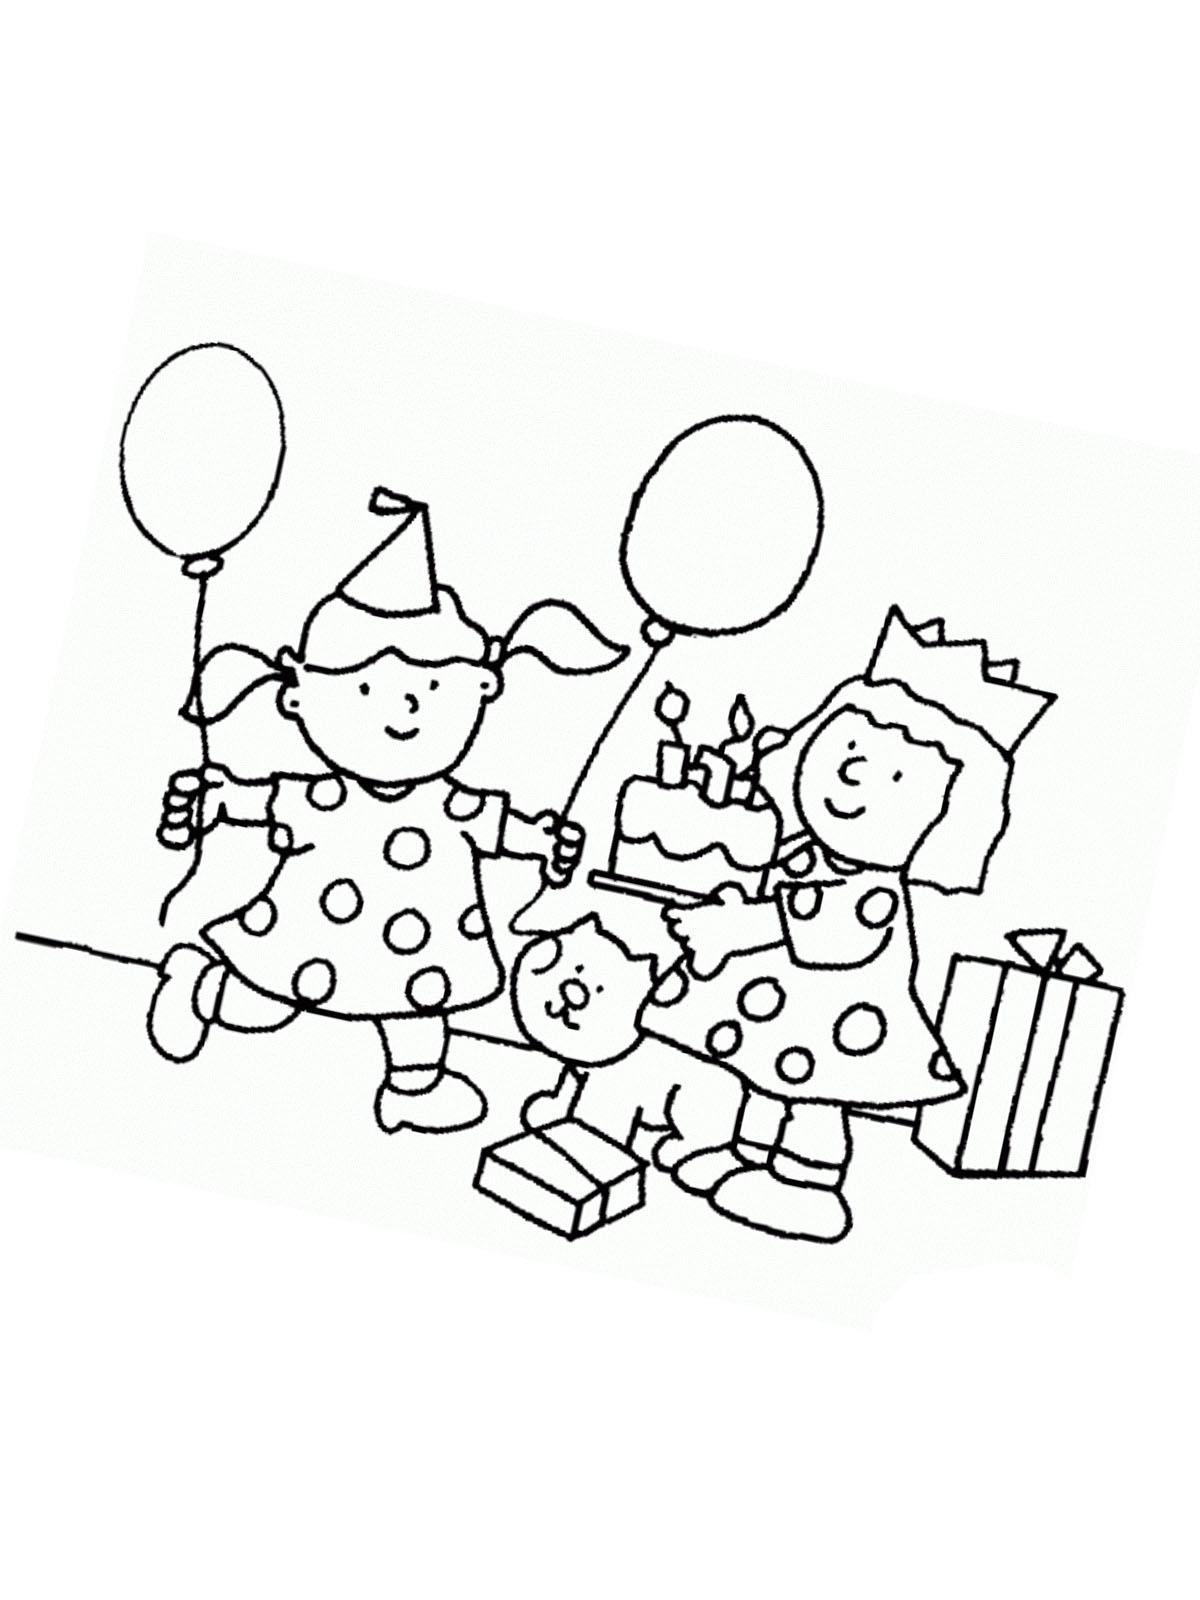 Ausmalbilder Geburtstag Gratis Ausdrucken : Ausmalbilder Malvorlagen Zum Geburtstag Kostenlos Zum Ausdrucken